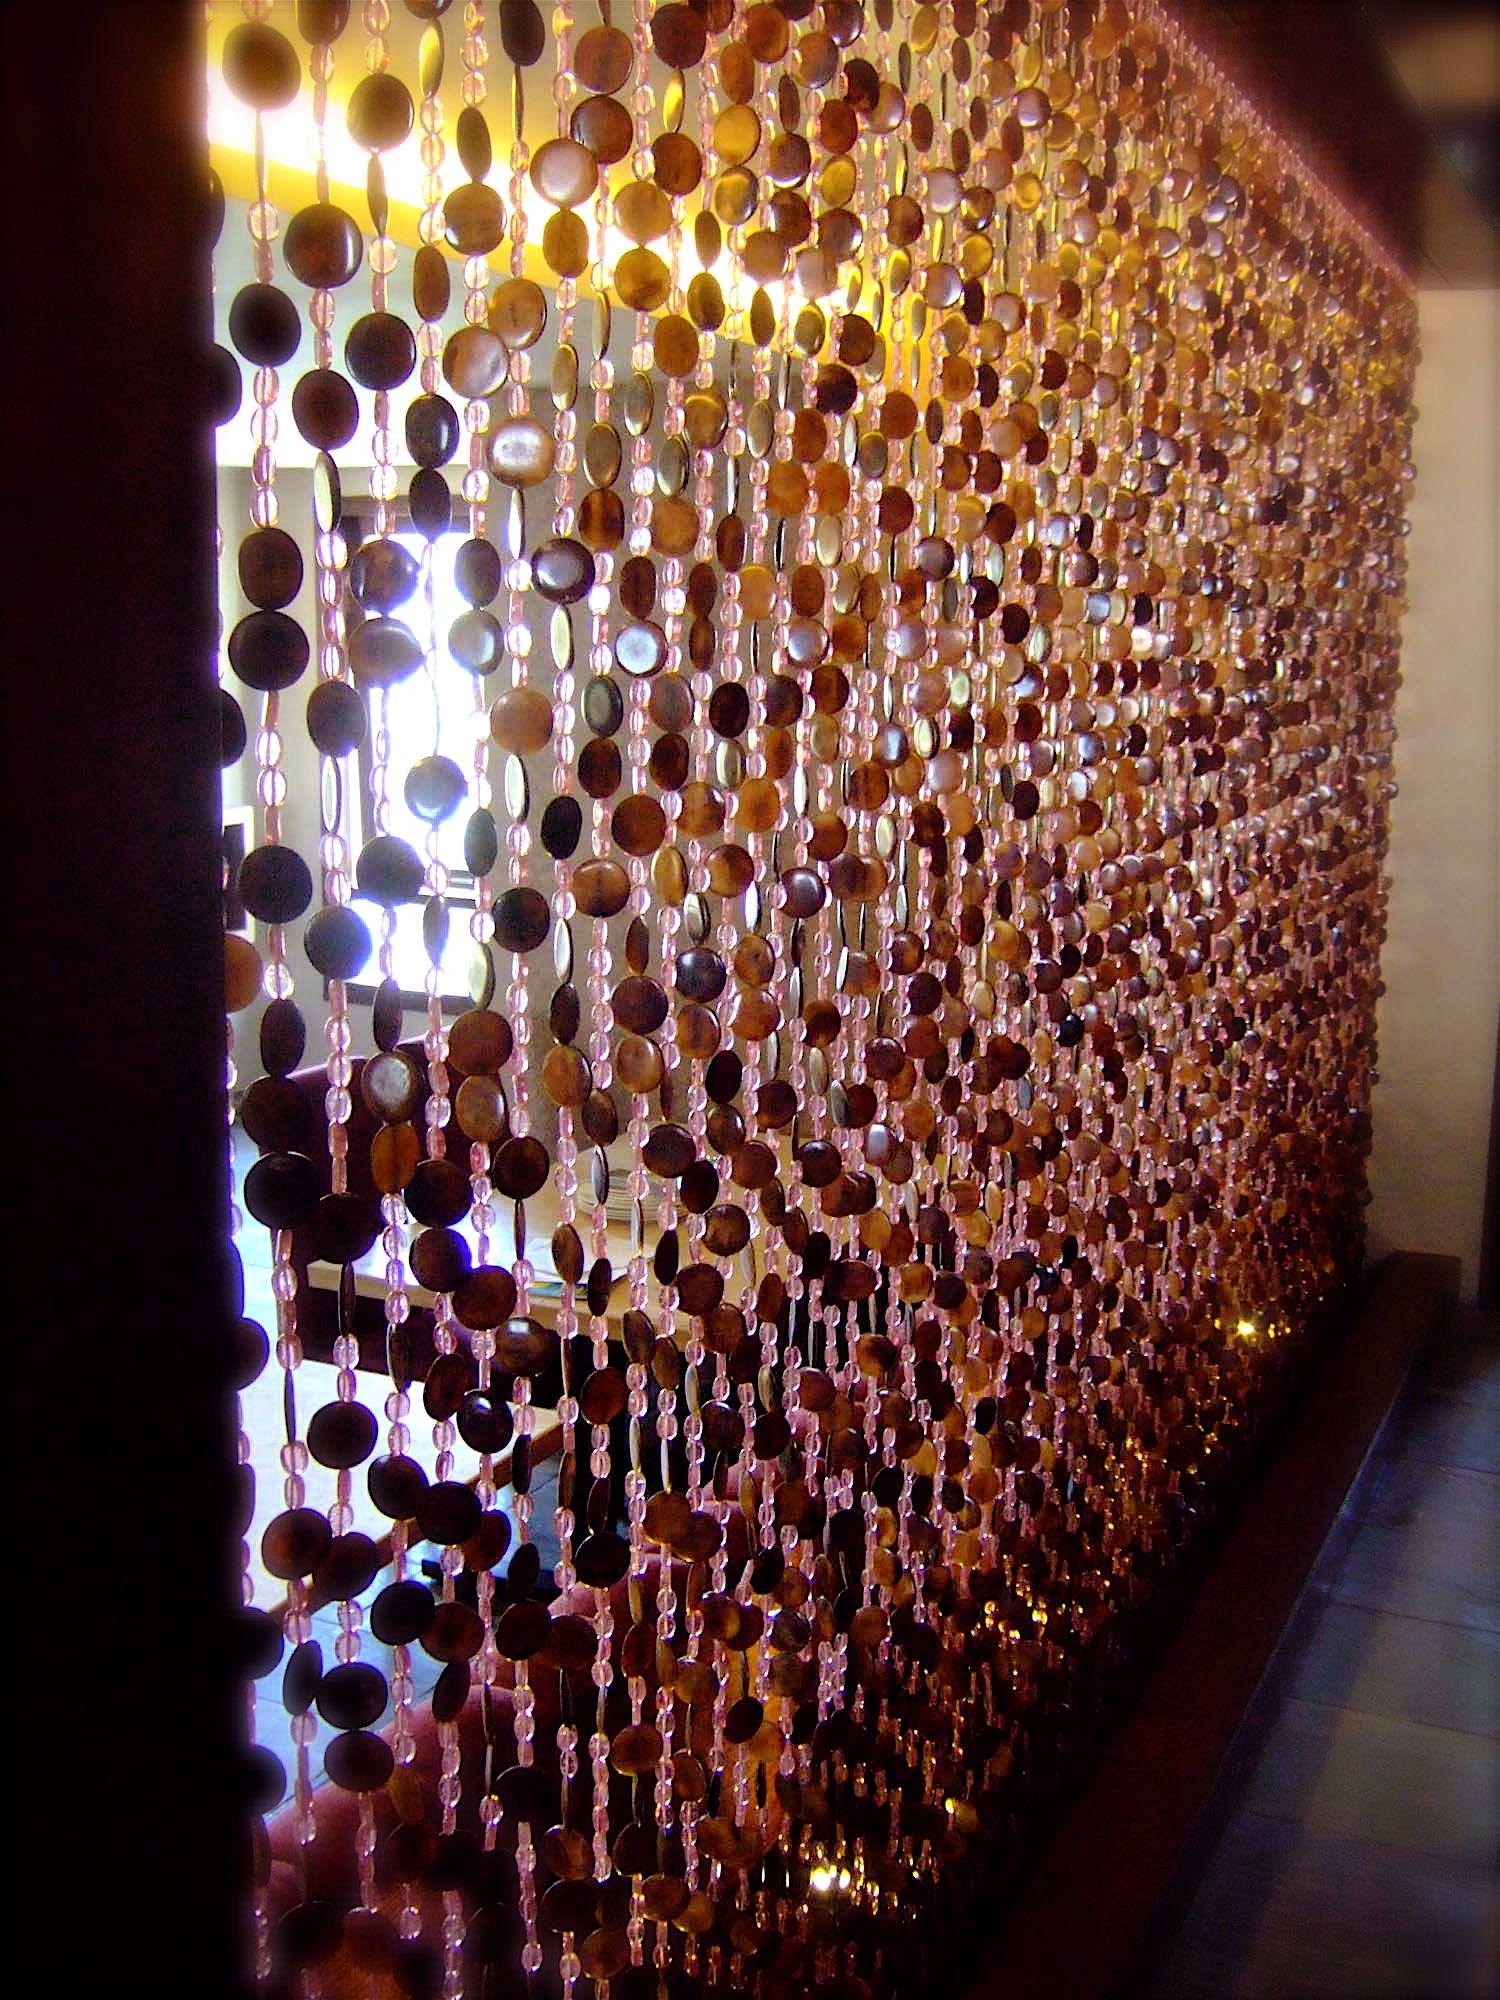 This bead curtain was created for Dubai based World Cuisine